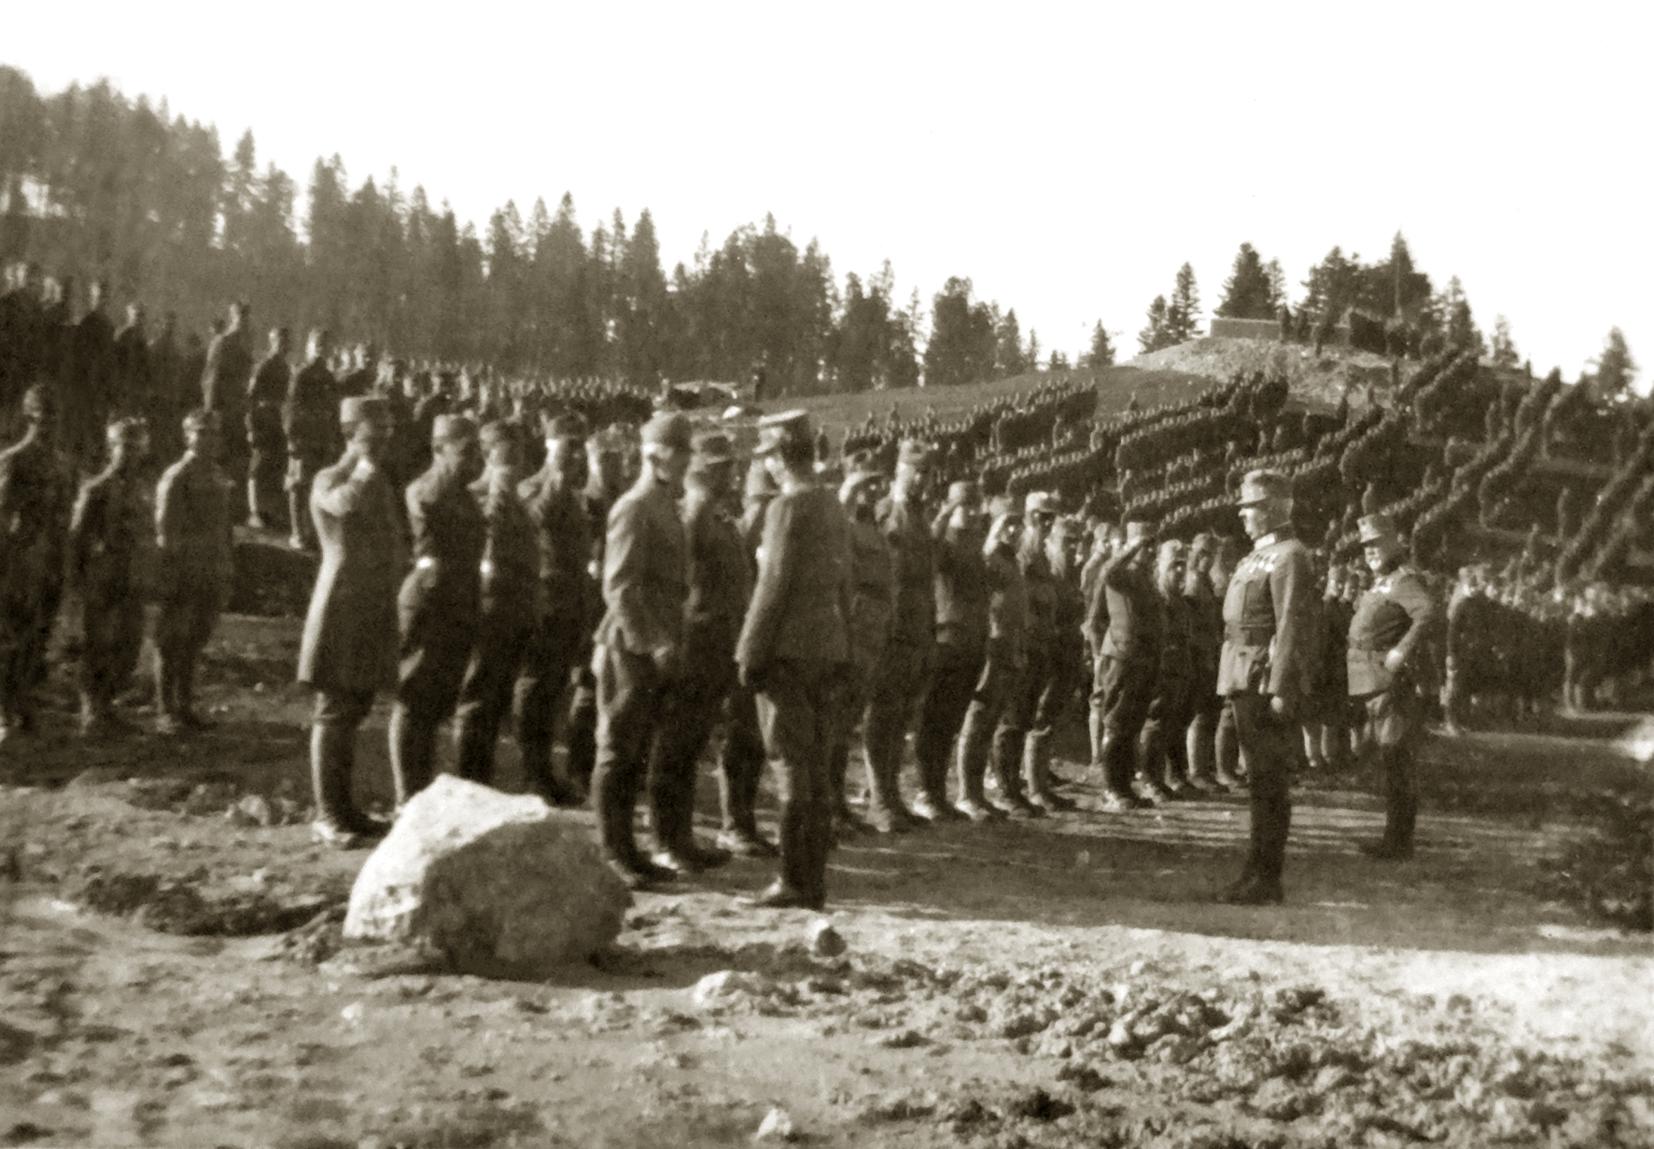 Rassegna dell'Imperatore Carlo a Monte Rover dopo la Battaglia dell'Ortigara